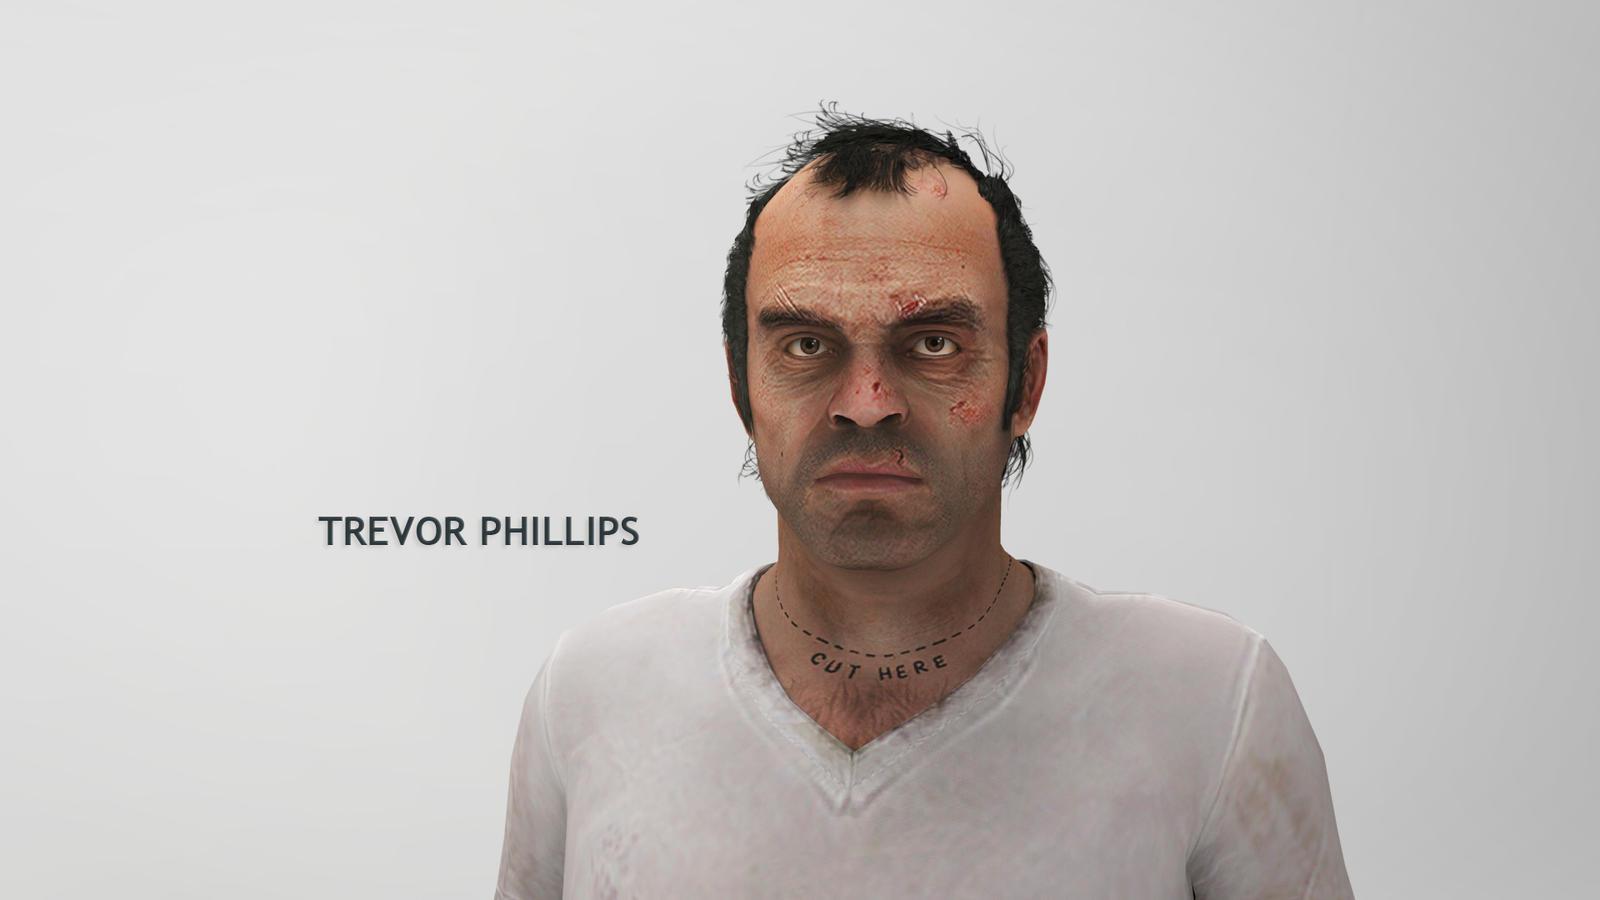 trevor phillips how tall